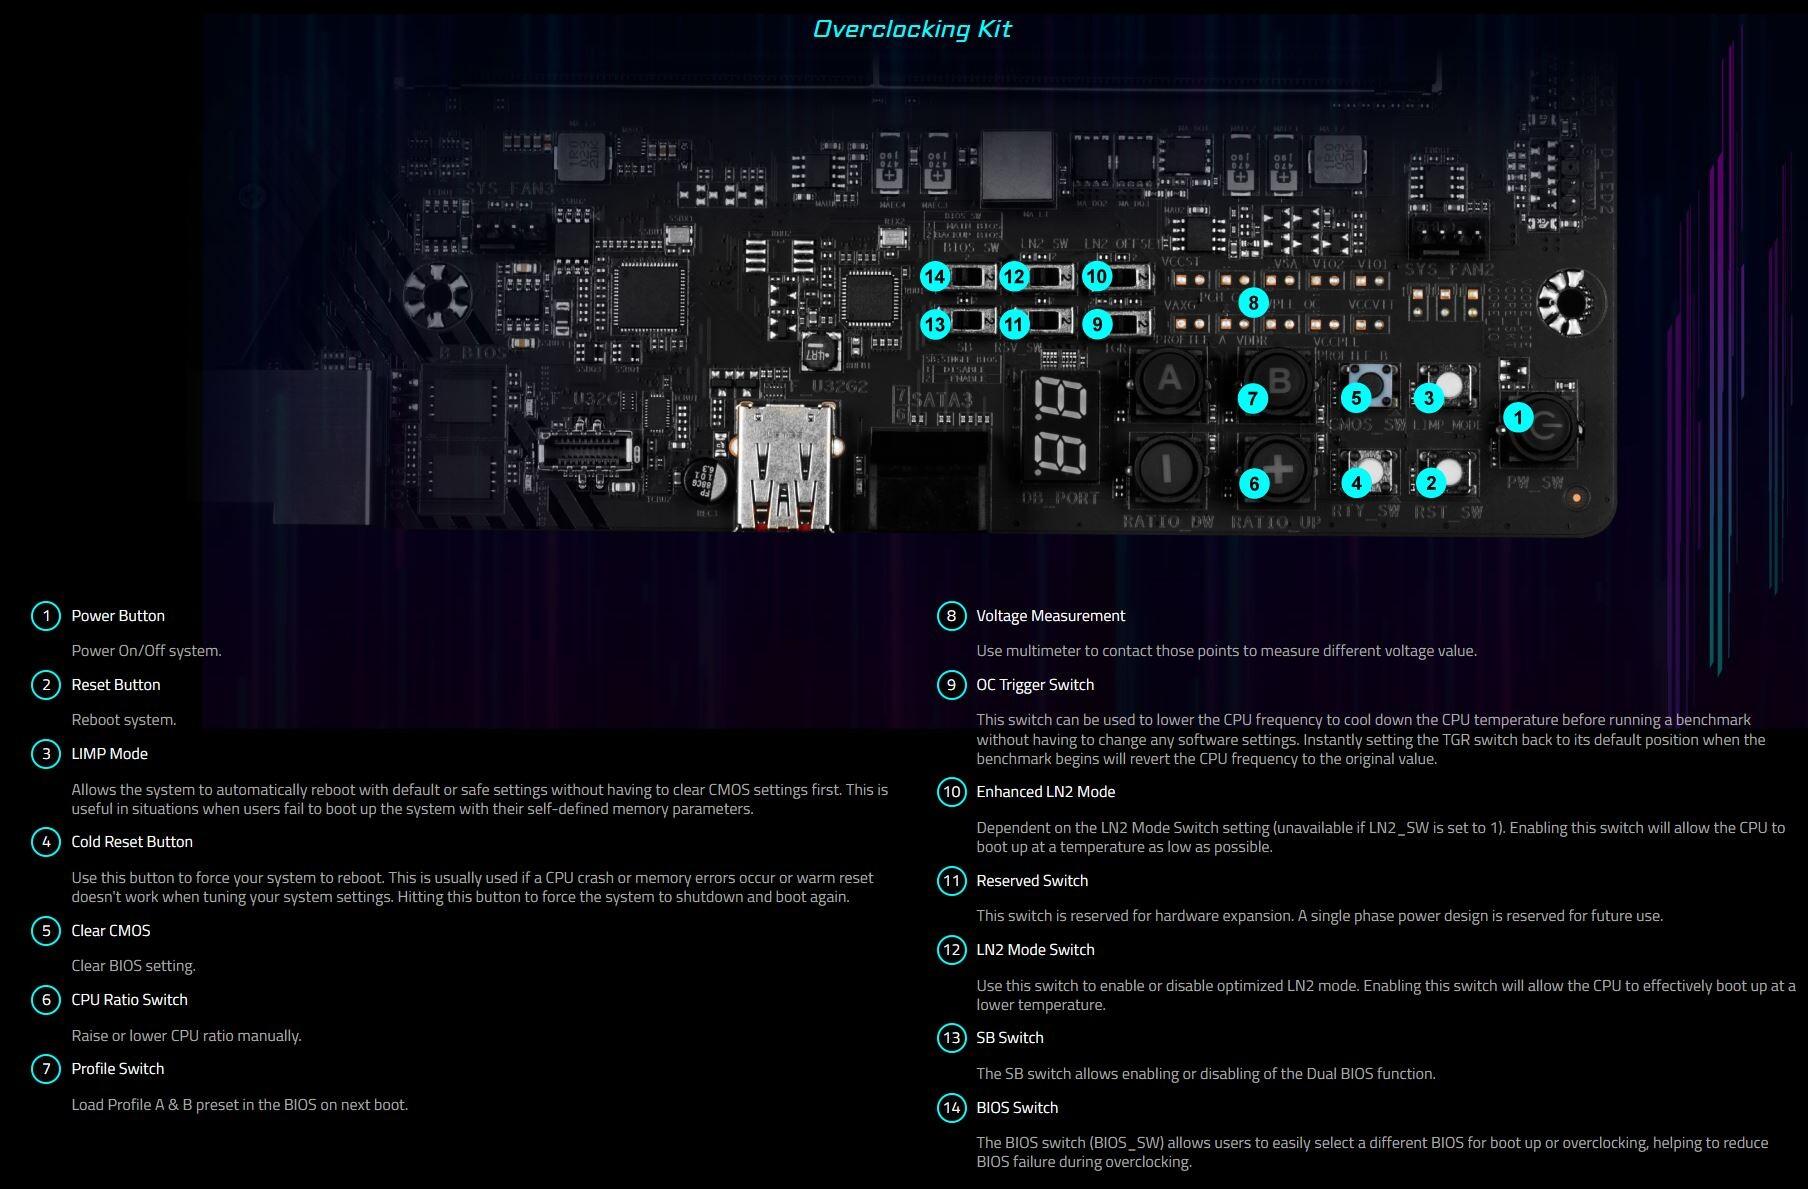 Системная плата Gigabyte Z590 Aorus Tachyon адресована любителям оверклокинга